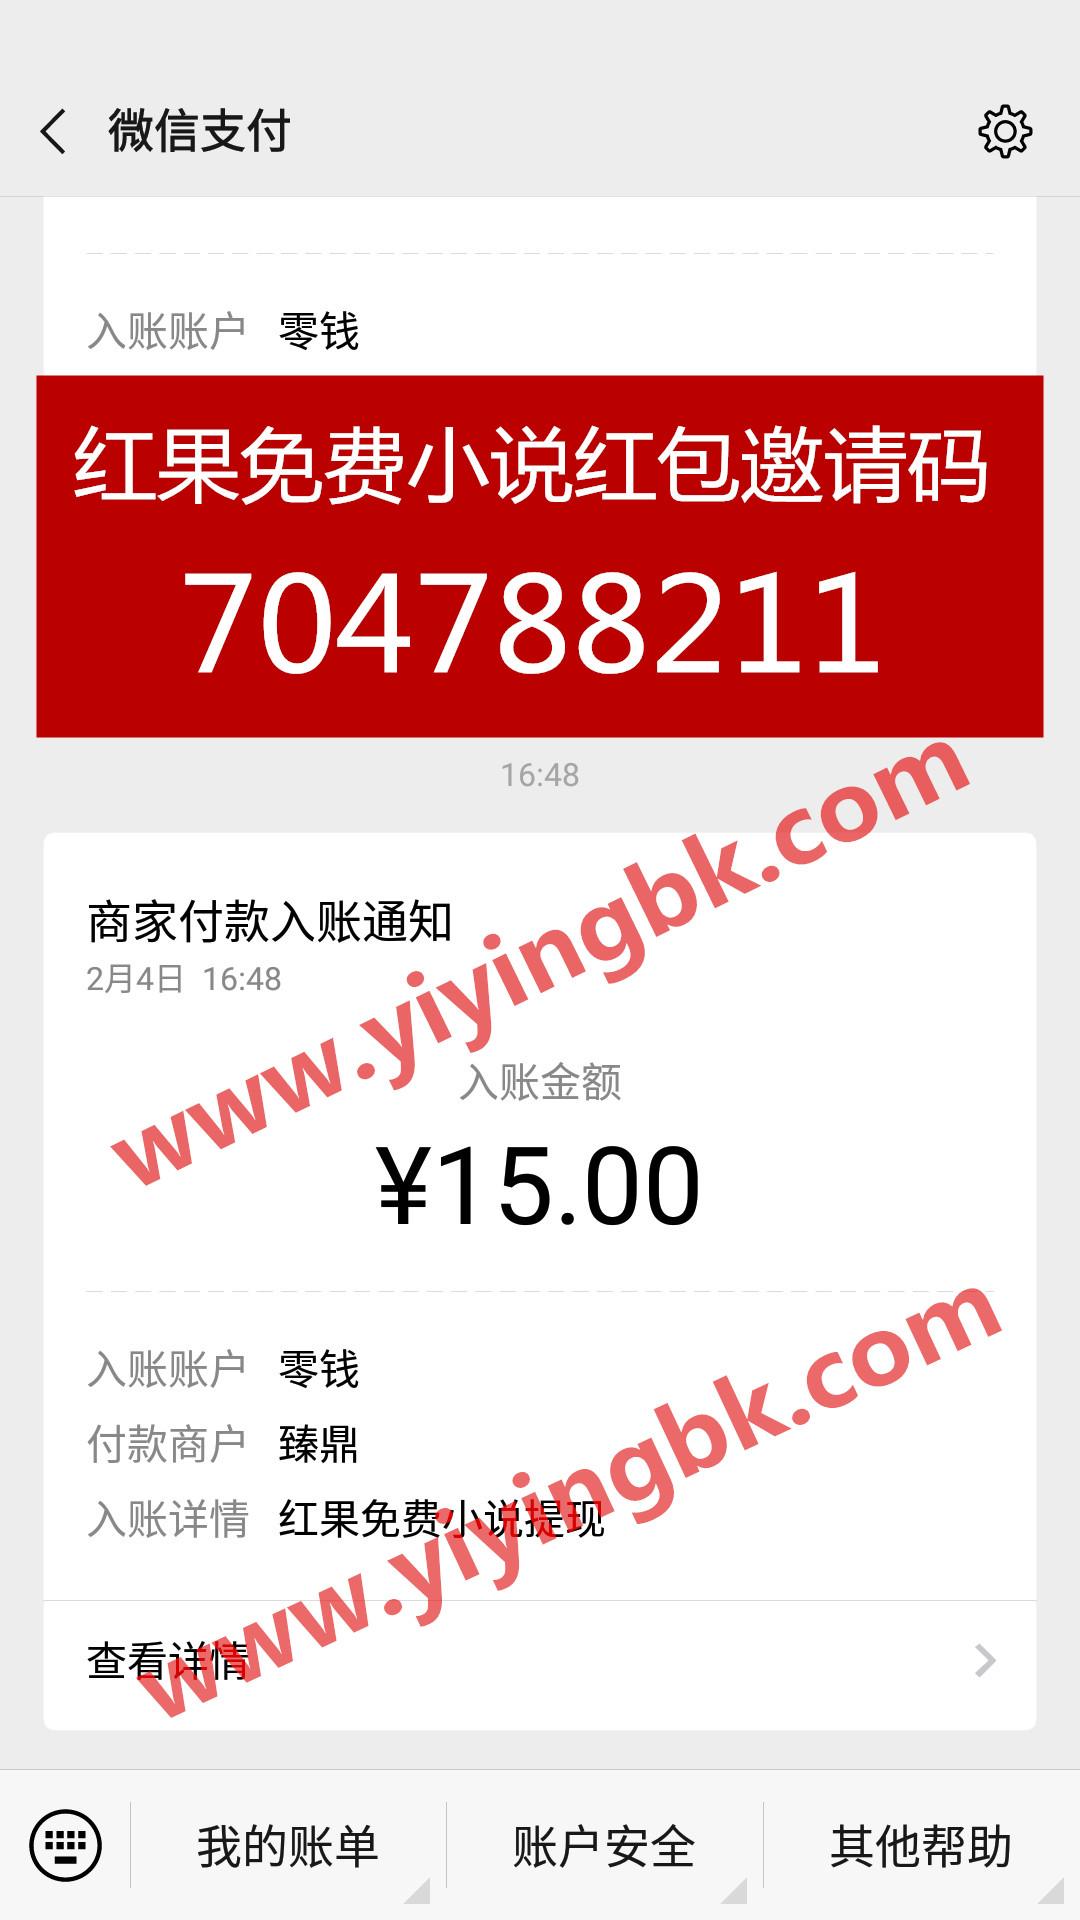 红果免费小说微信提现15元